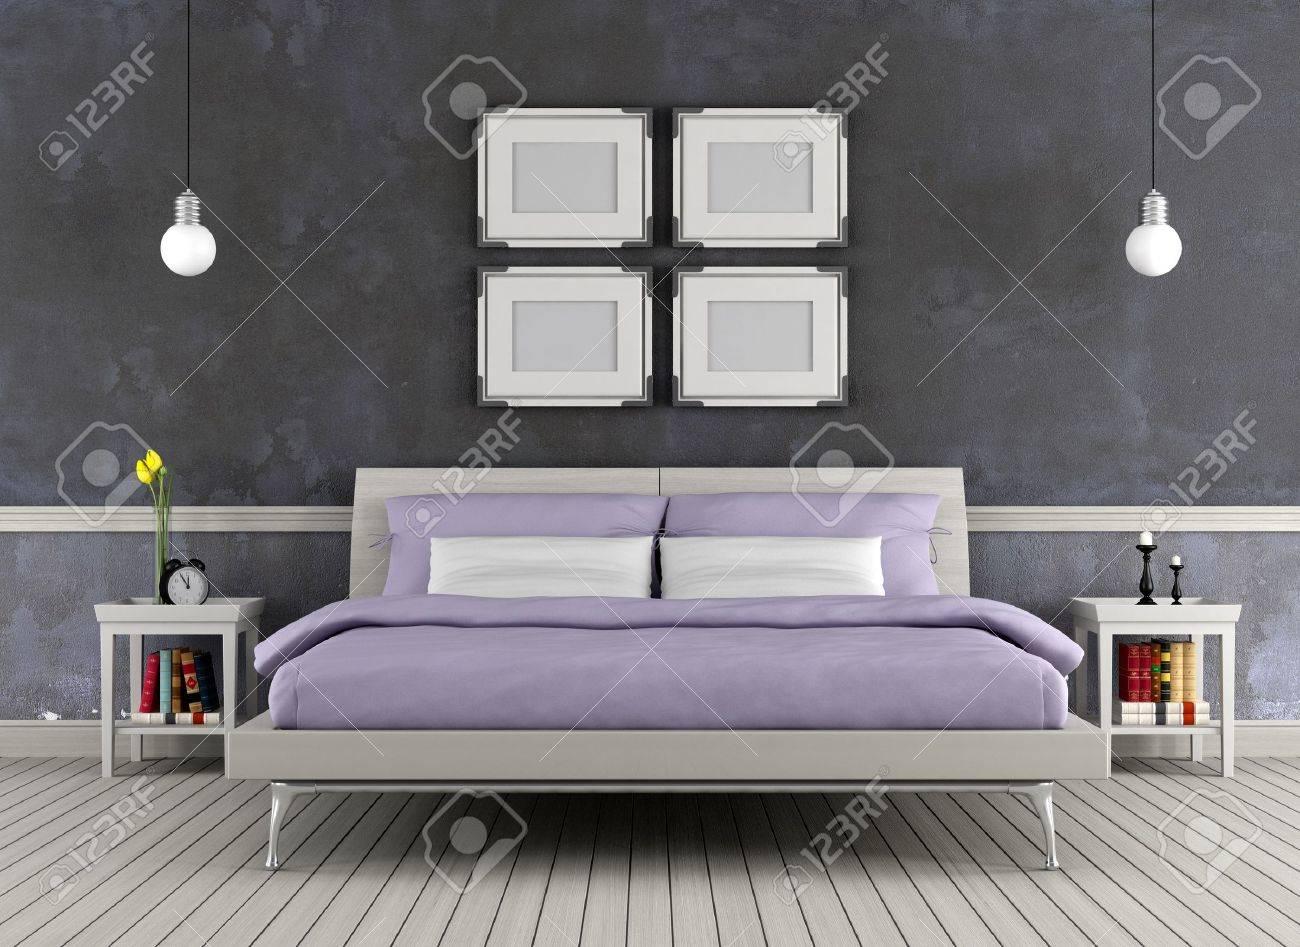 Moderne Lit Double Dans Une Chambre Vintage - Rendu Banque D ...